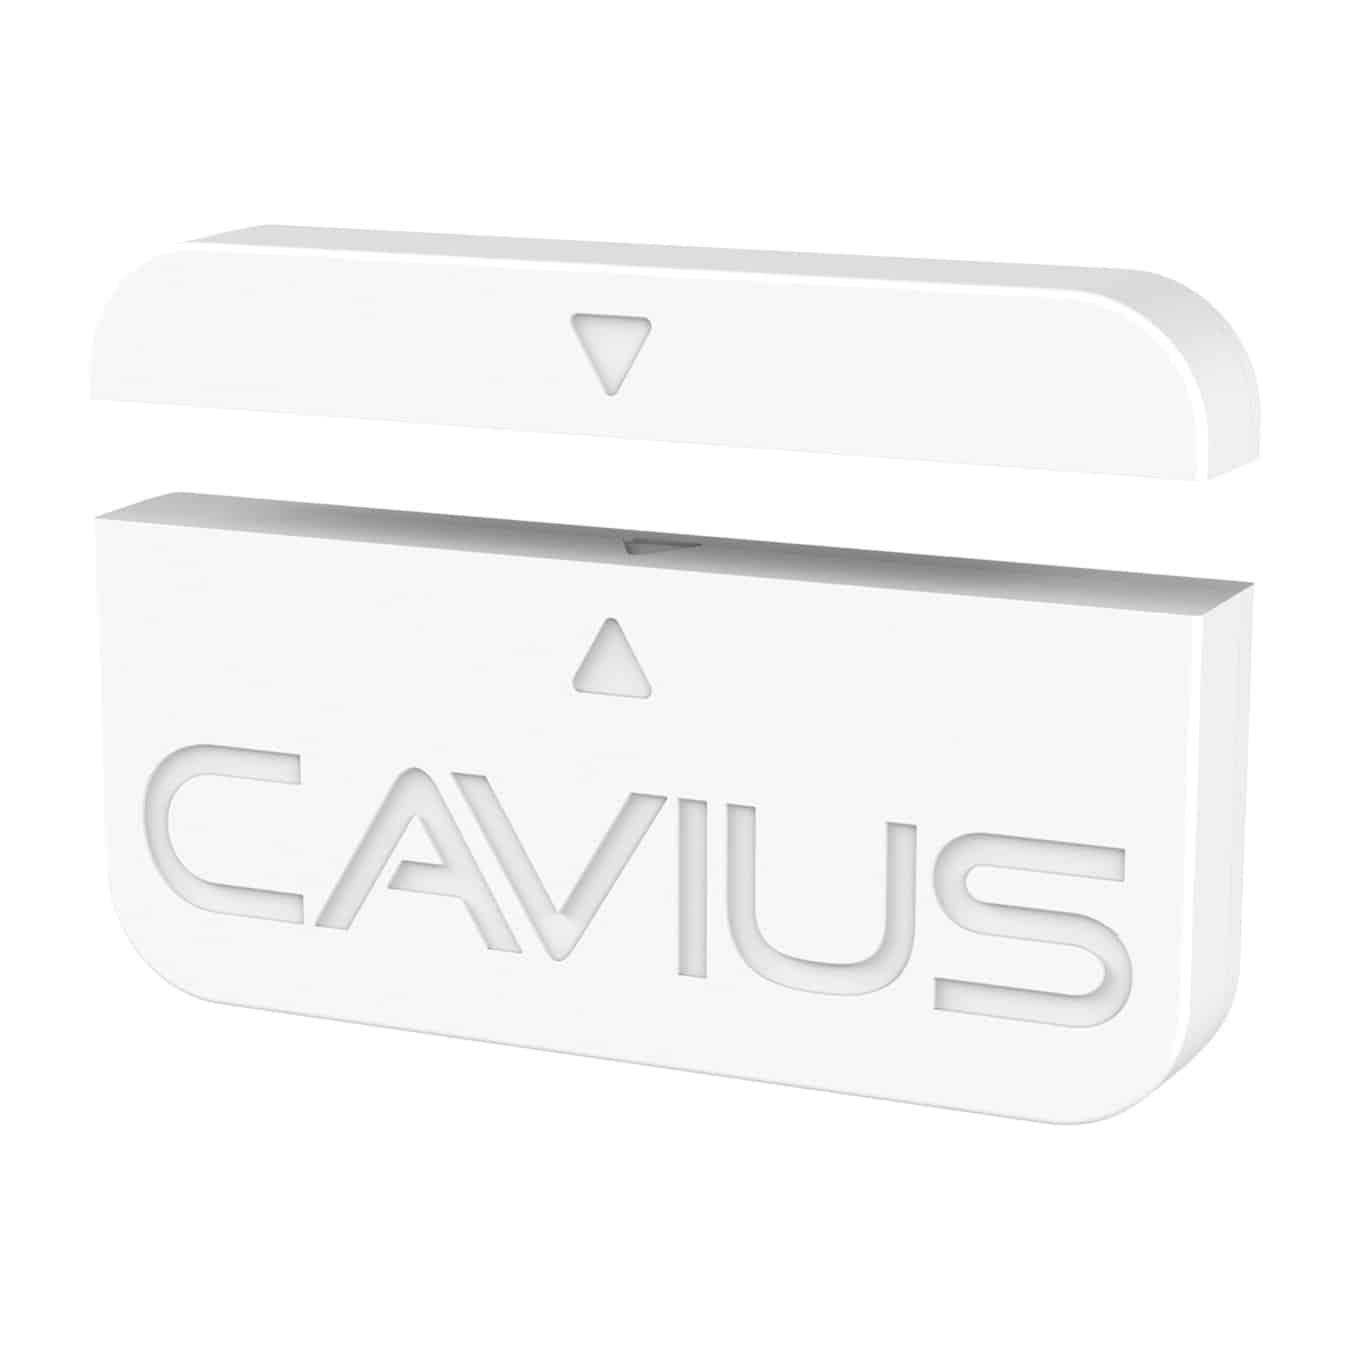 Koop Cavius Deursensor